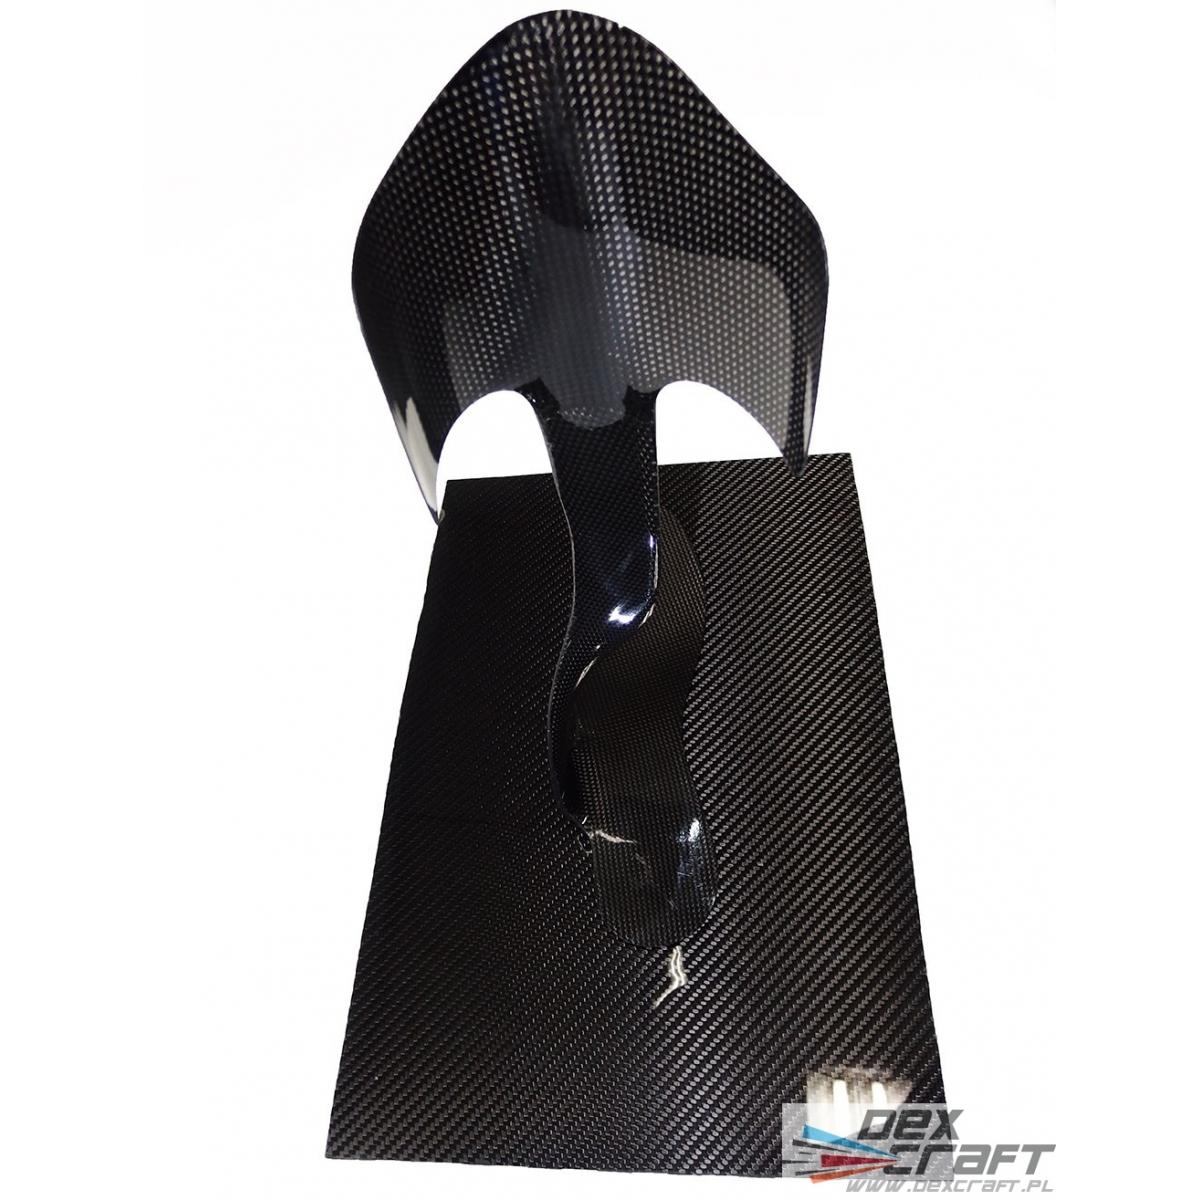 Carbon fiber dafo orthoses manufacturer